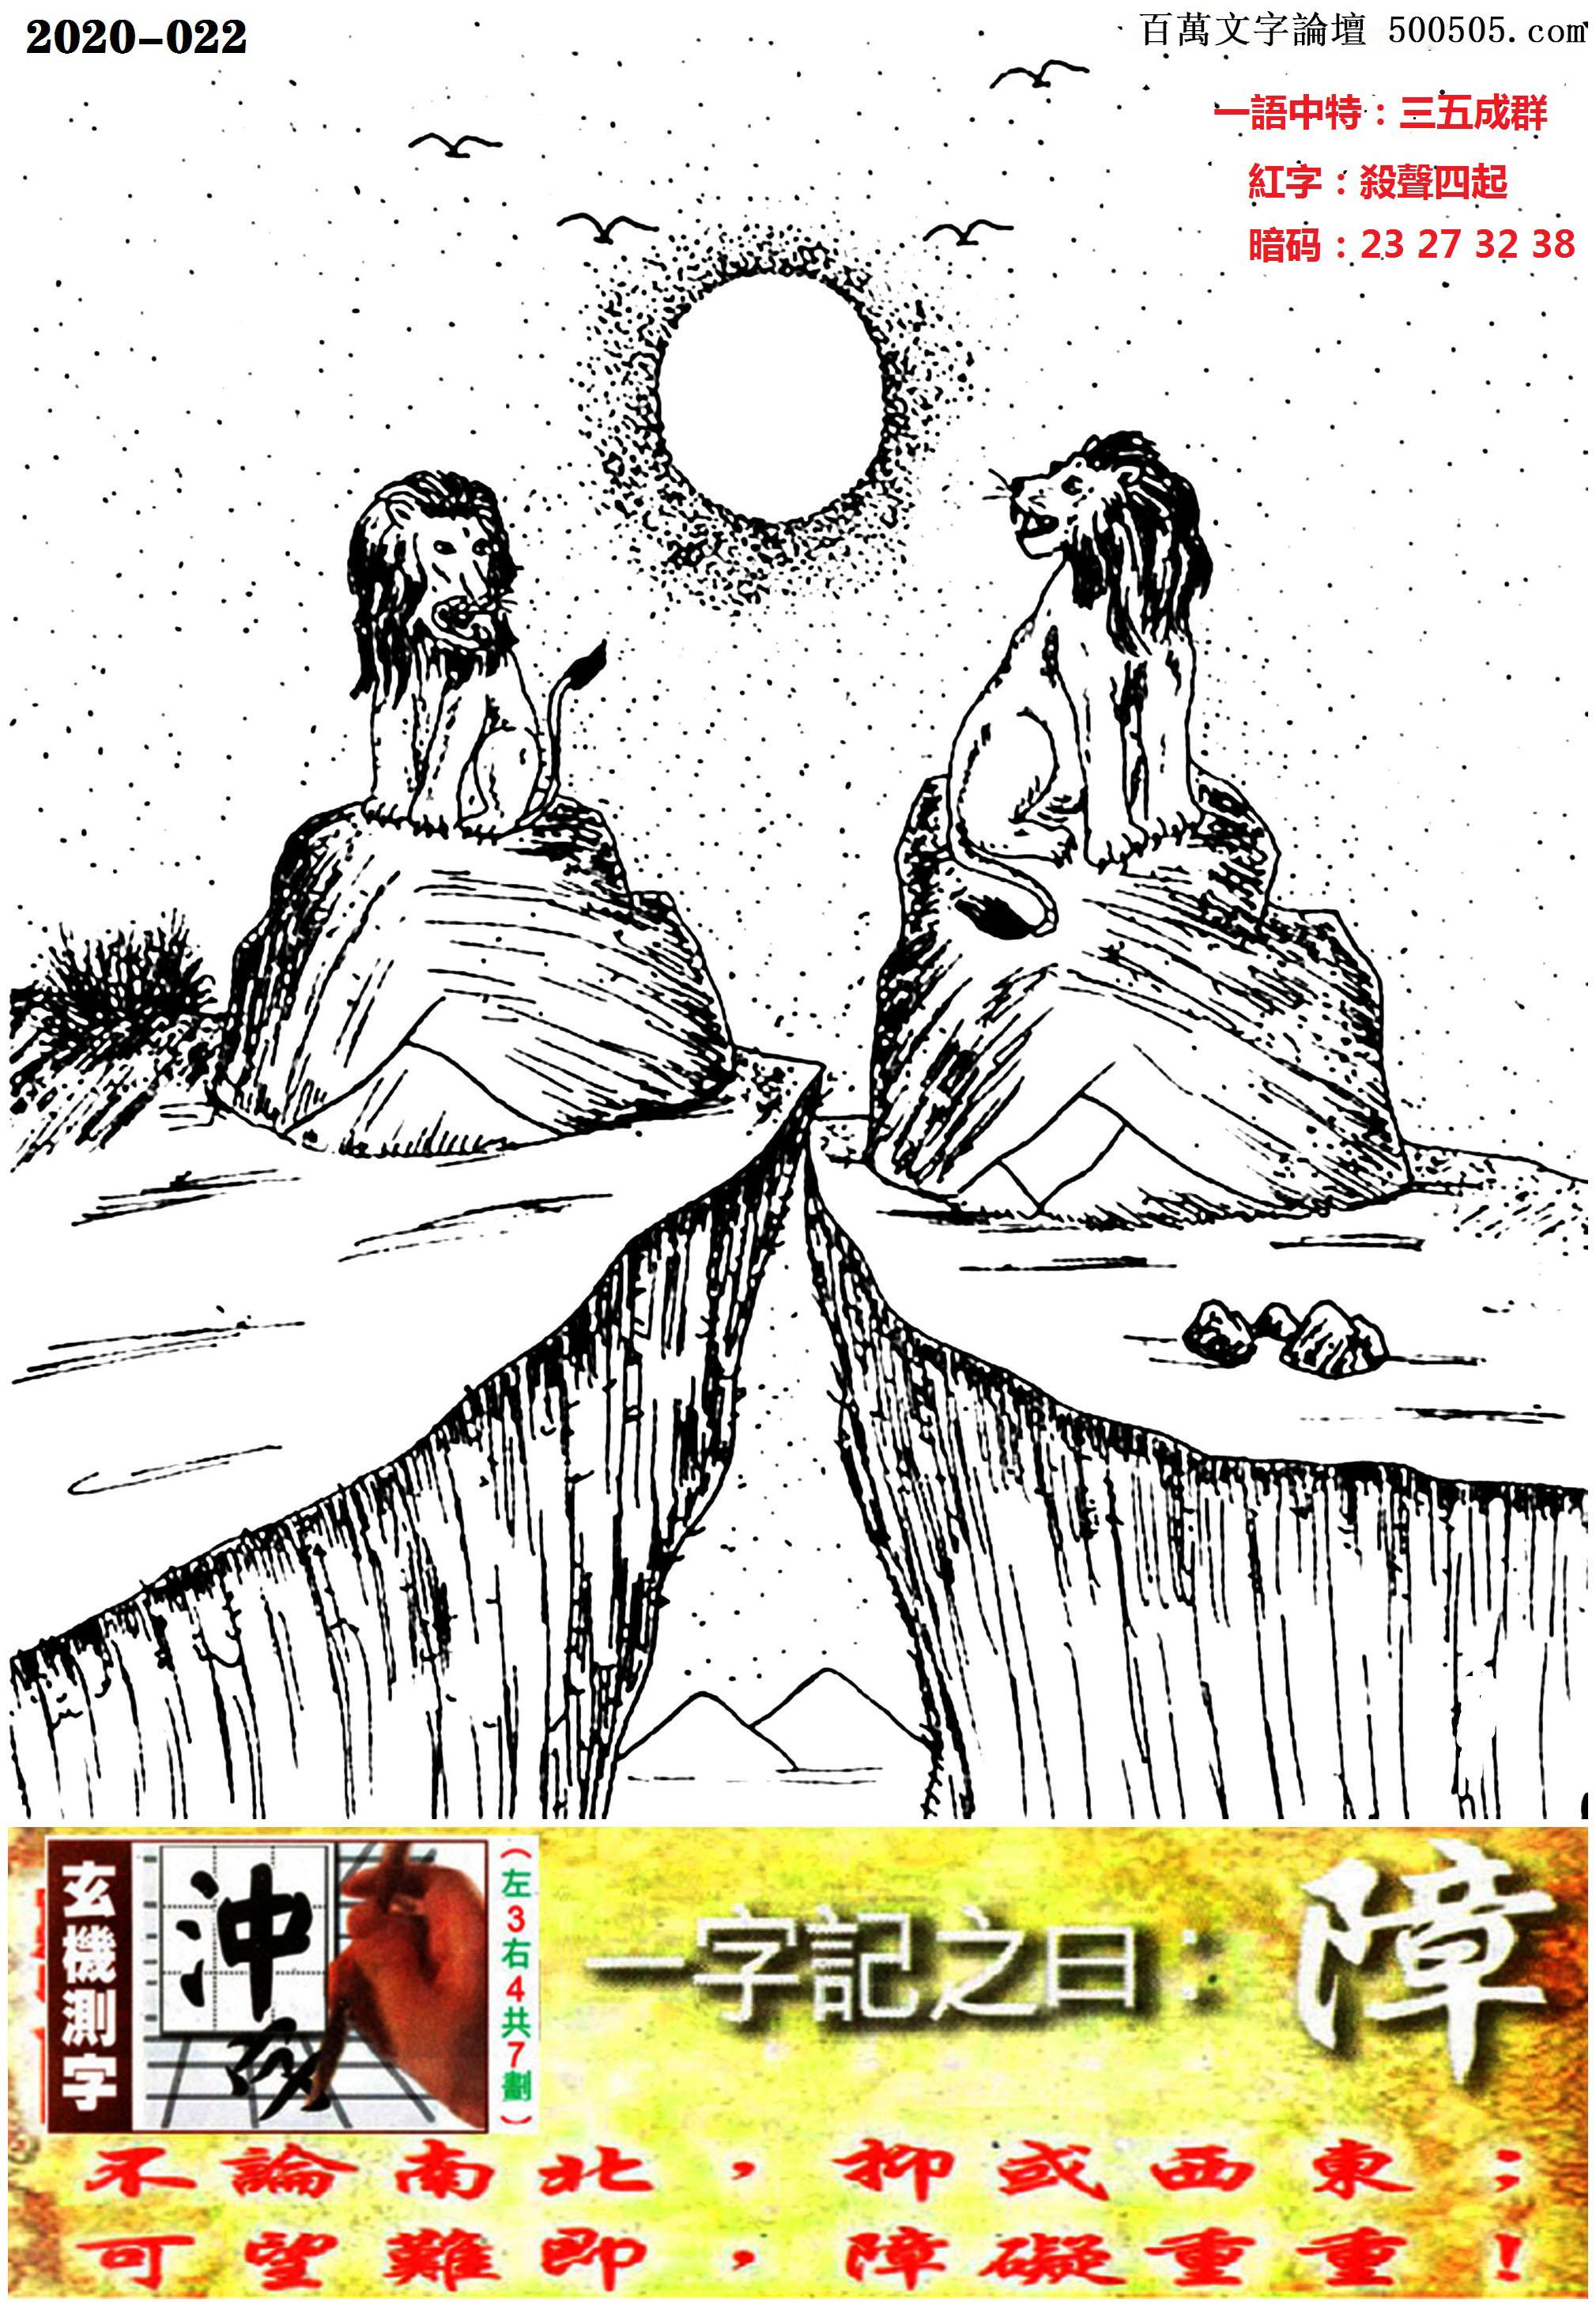 022期跑狗一字記之曰:【障】_不論南北,抑或西東;_可望難即,障礙重重!